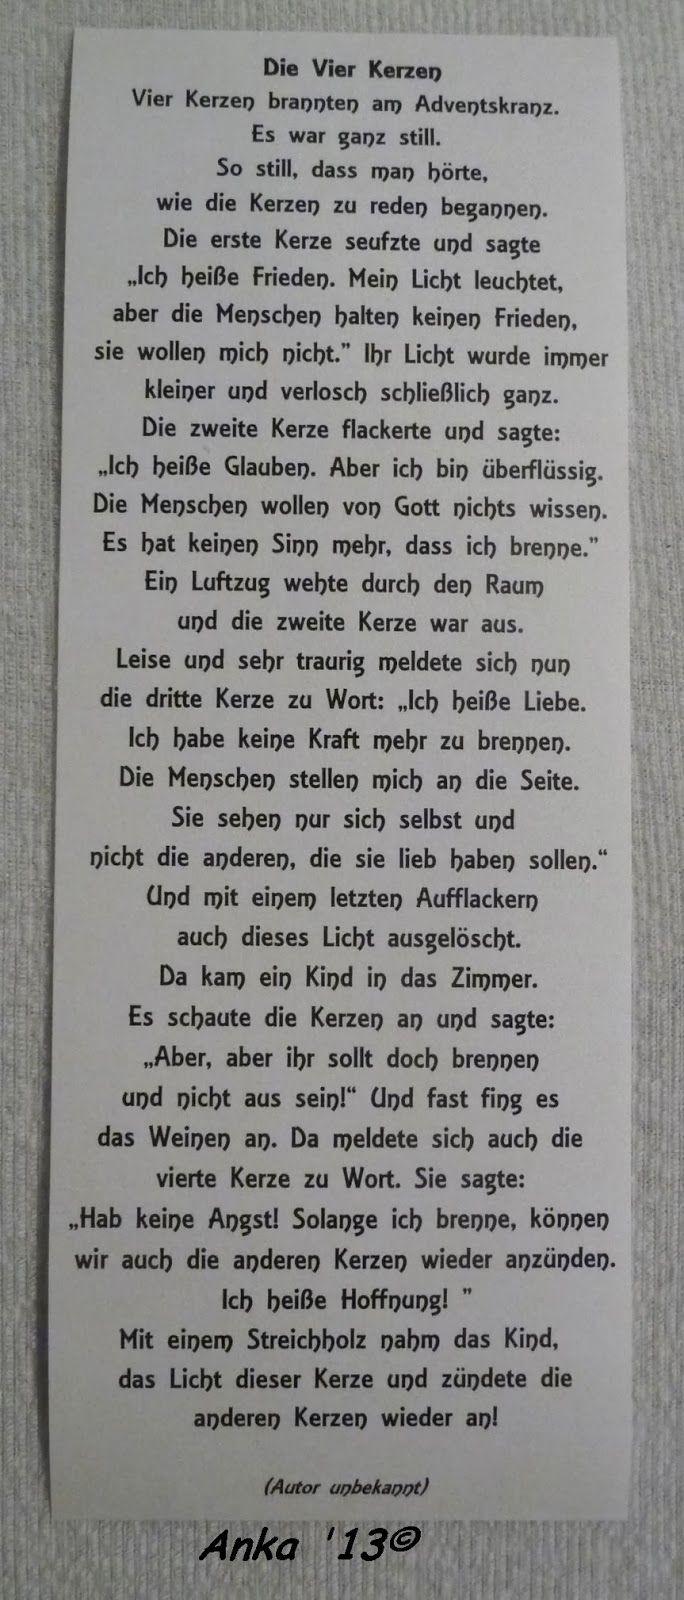 Pin Von Heidi Auf Verse Weihnachten Gedicht Weihnachten